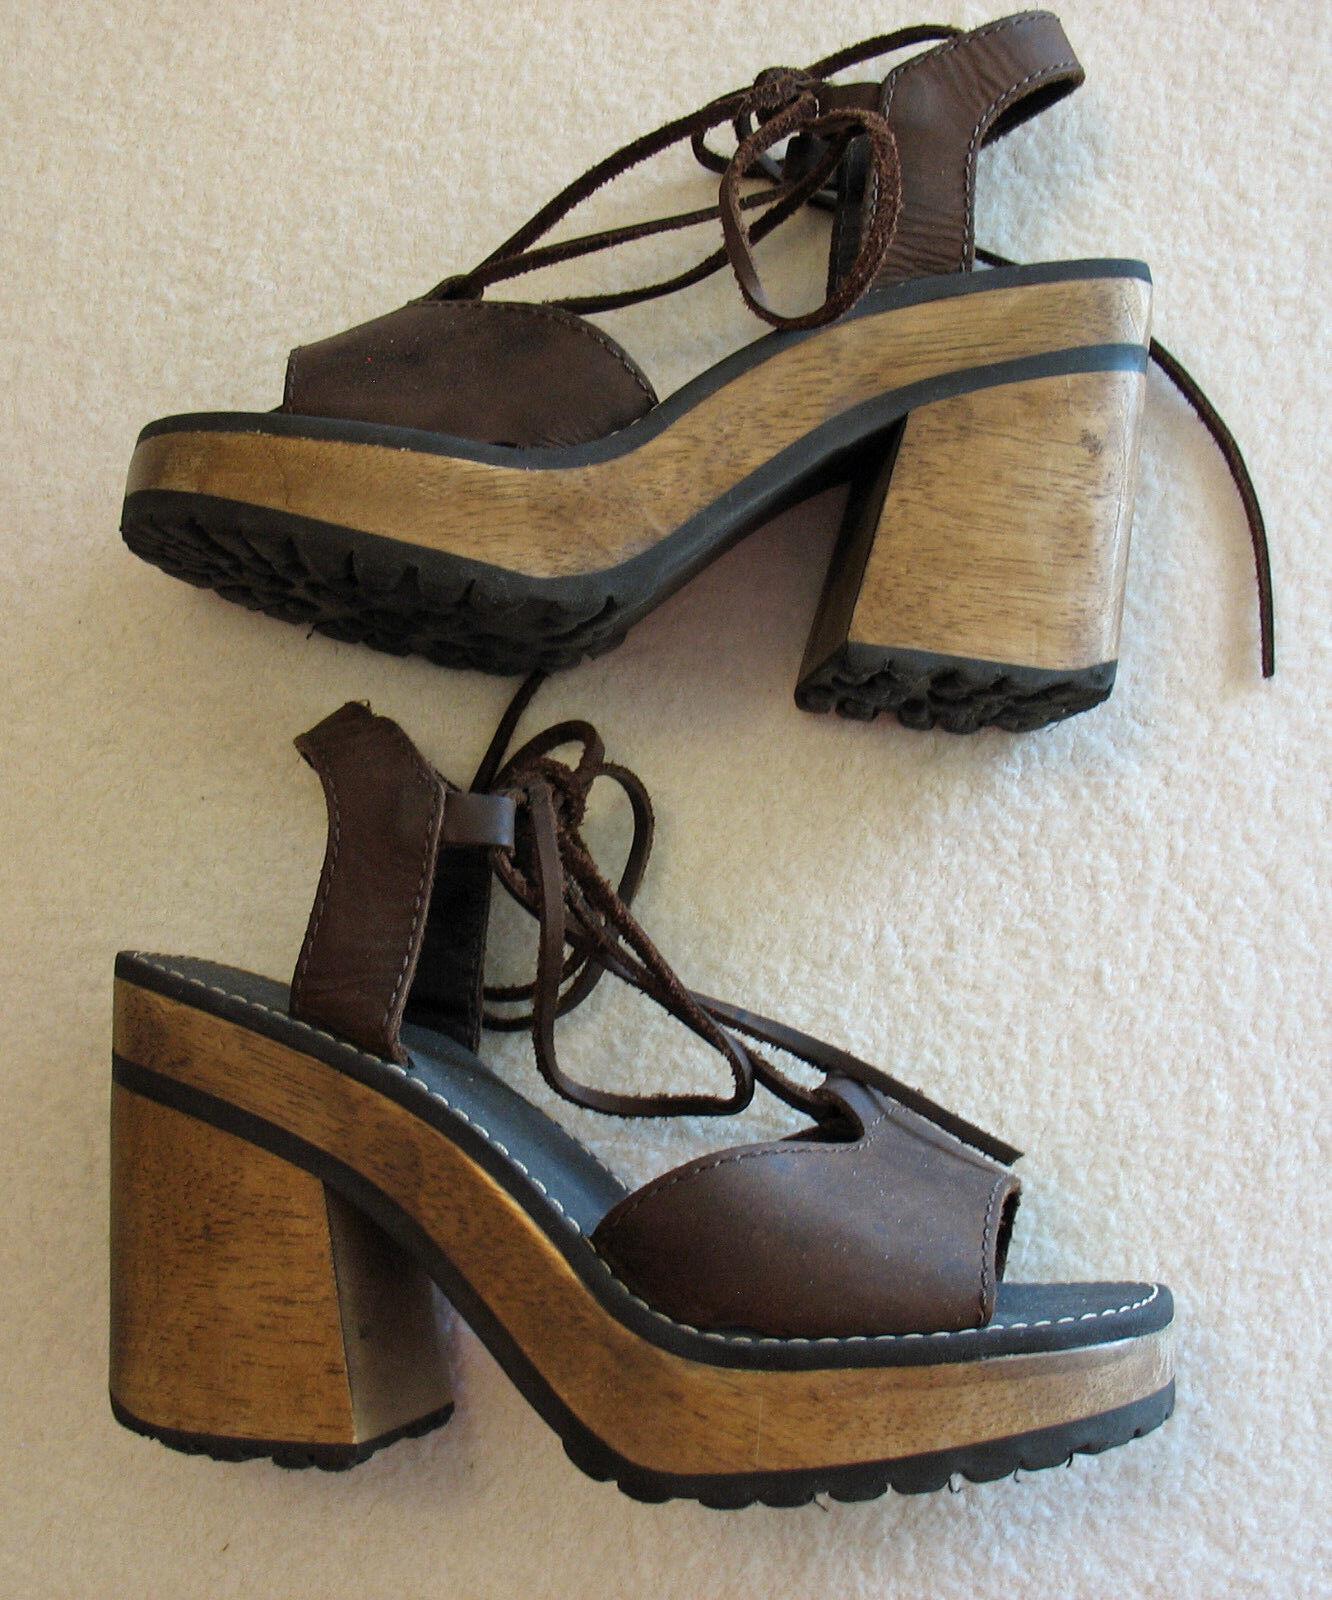 Para raio Ankle Lace Platform Sandals Size 37 (6.5)